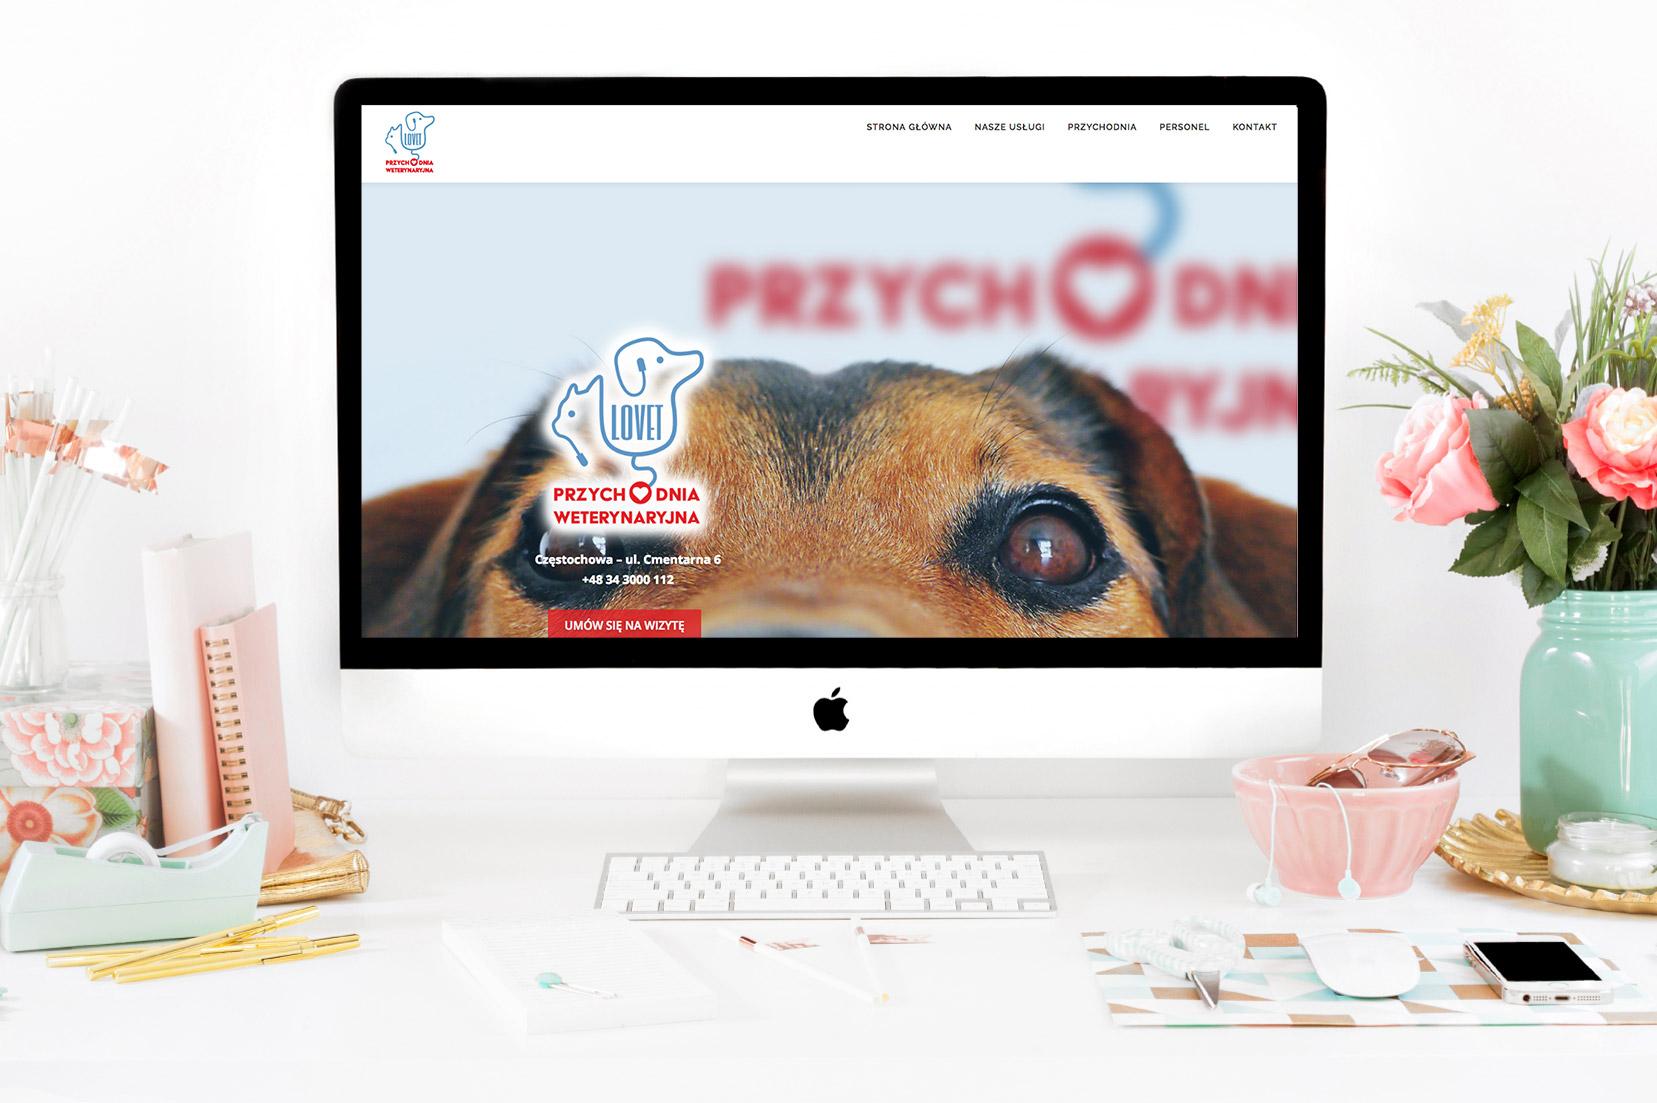 projektowanie-stron-internetowych-lublin-kraśnik-tworzenie-stron-www-tanie-strony-internetowe